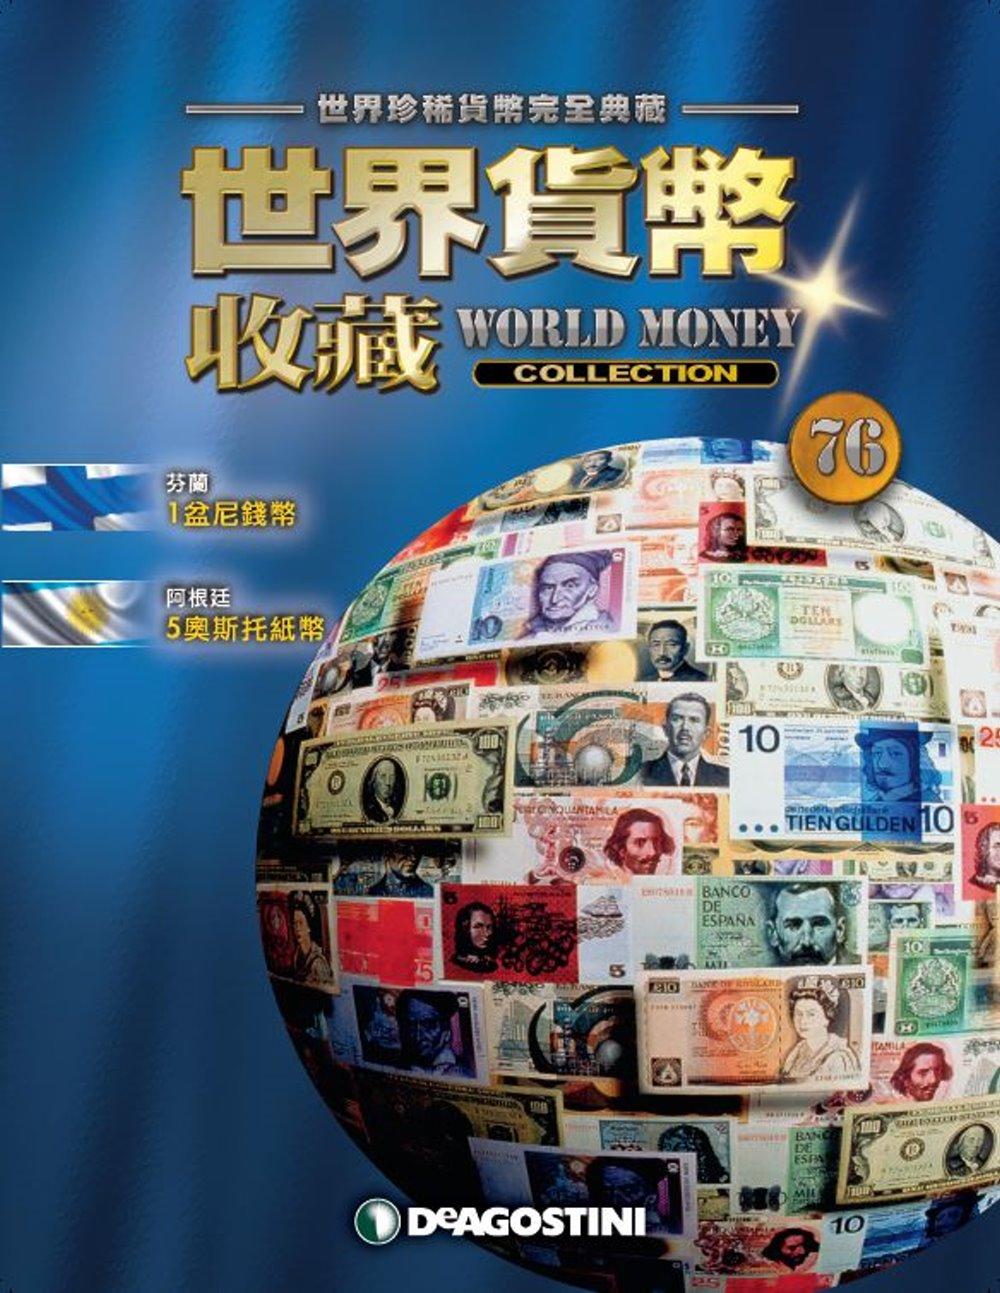 世界貨幣收藏 2018/1/16 第76期